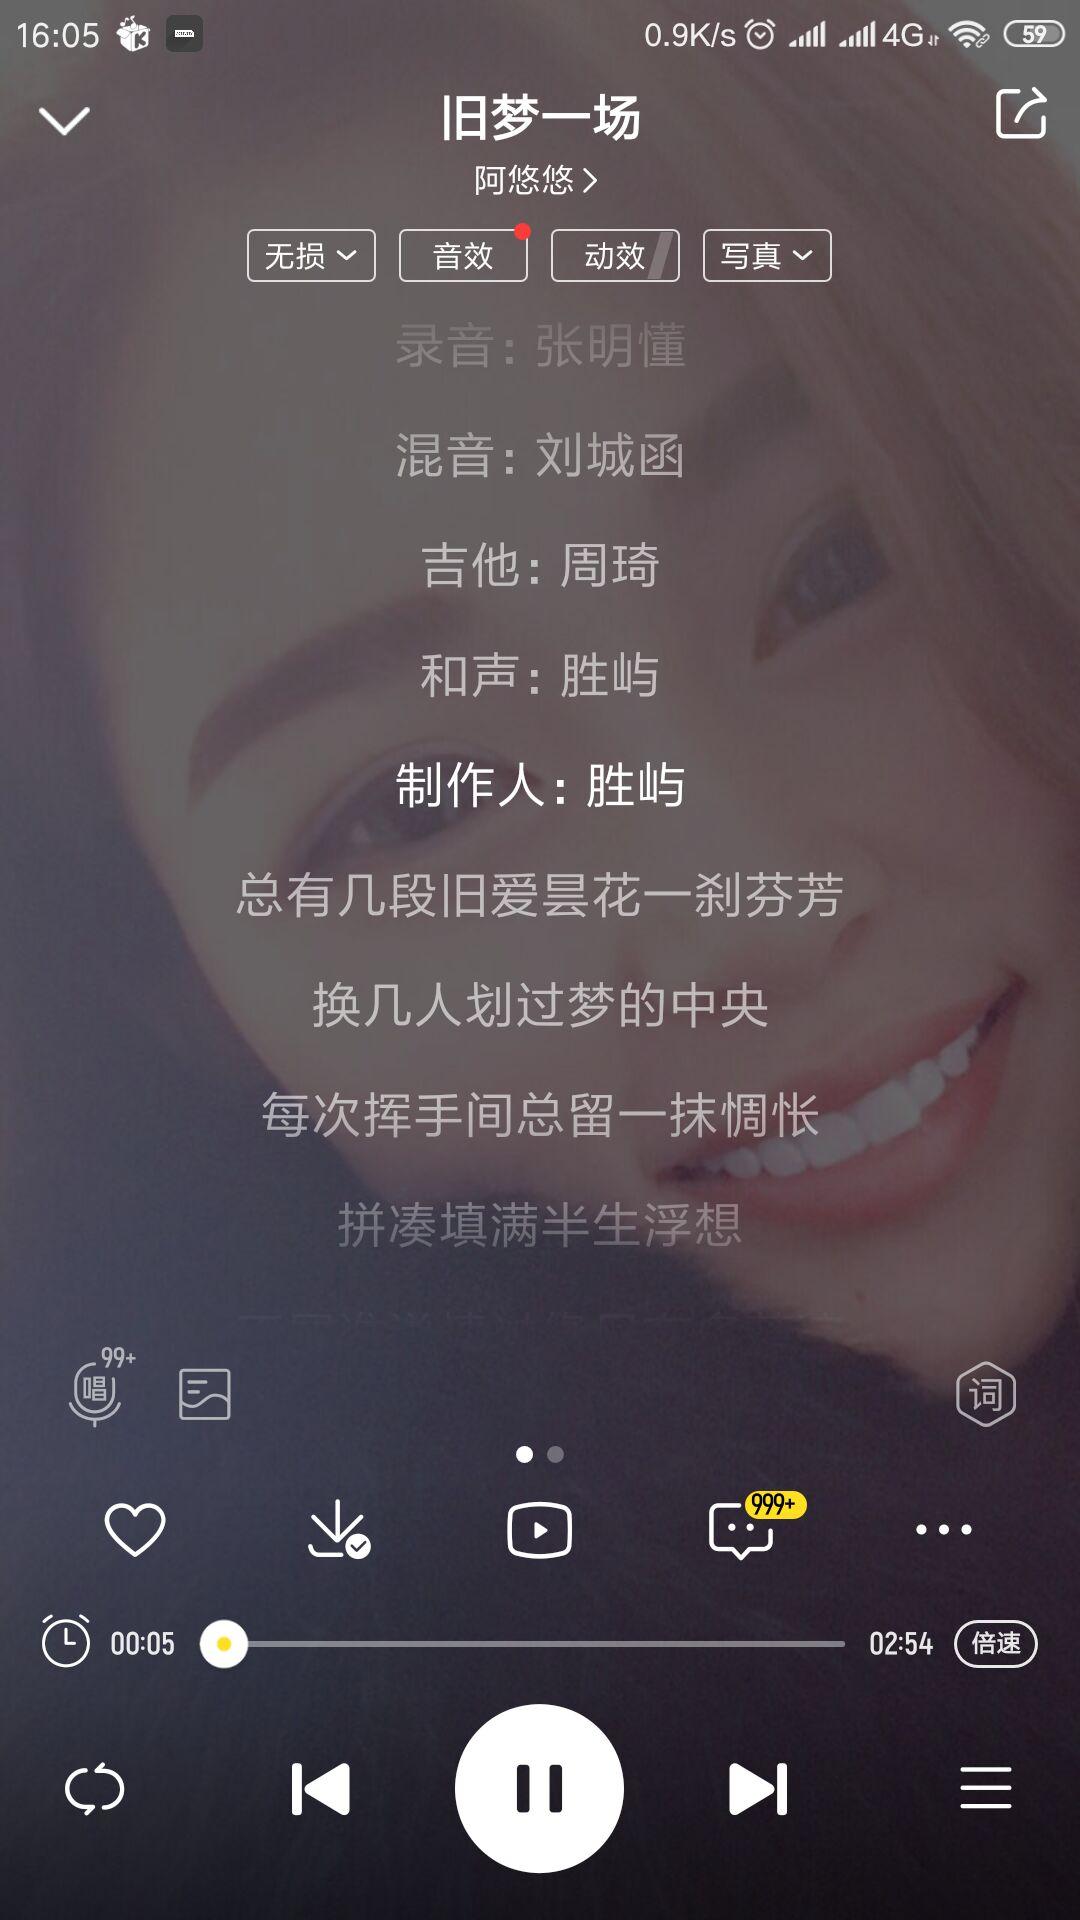 【软件】酷我音乐_9.3.4.5